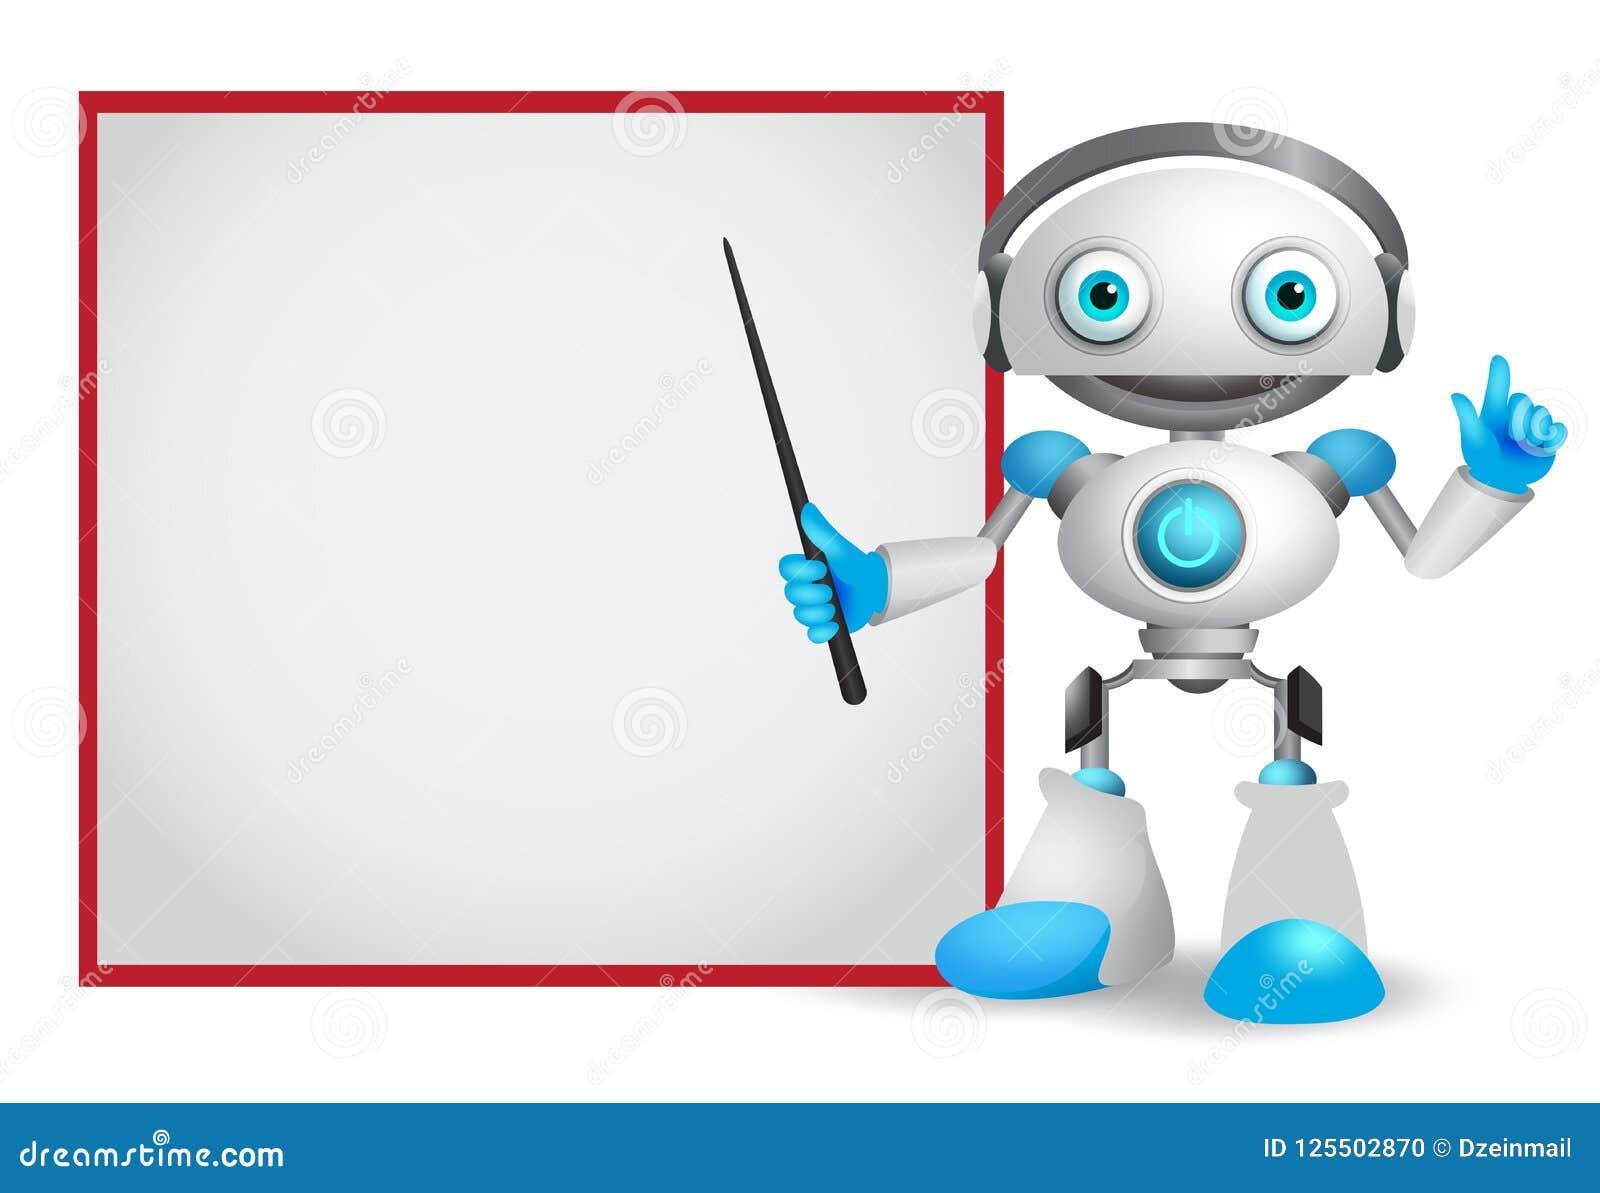 Illustrazione di vettore del carattere del robot con il gesto amichevole che insegna o che mostra alla tecnologia